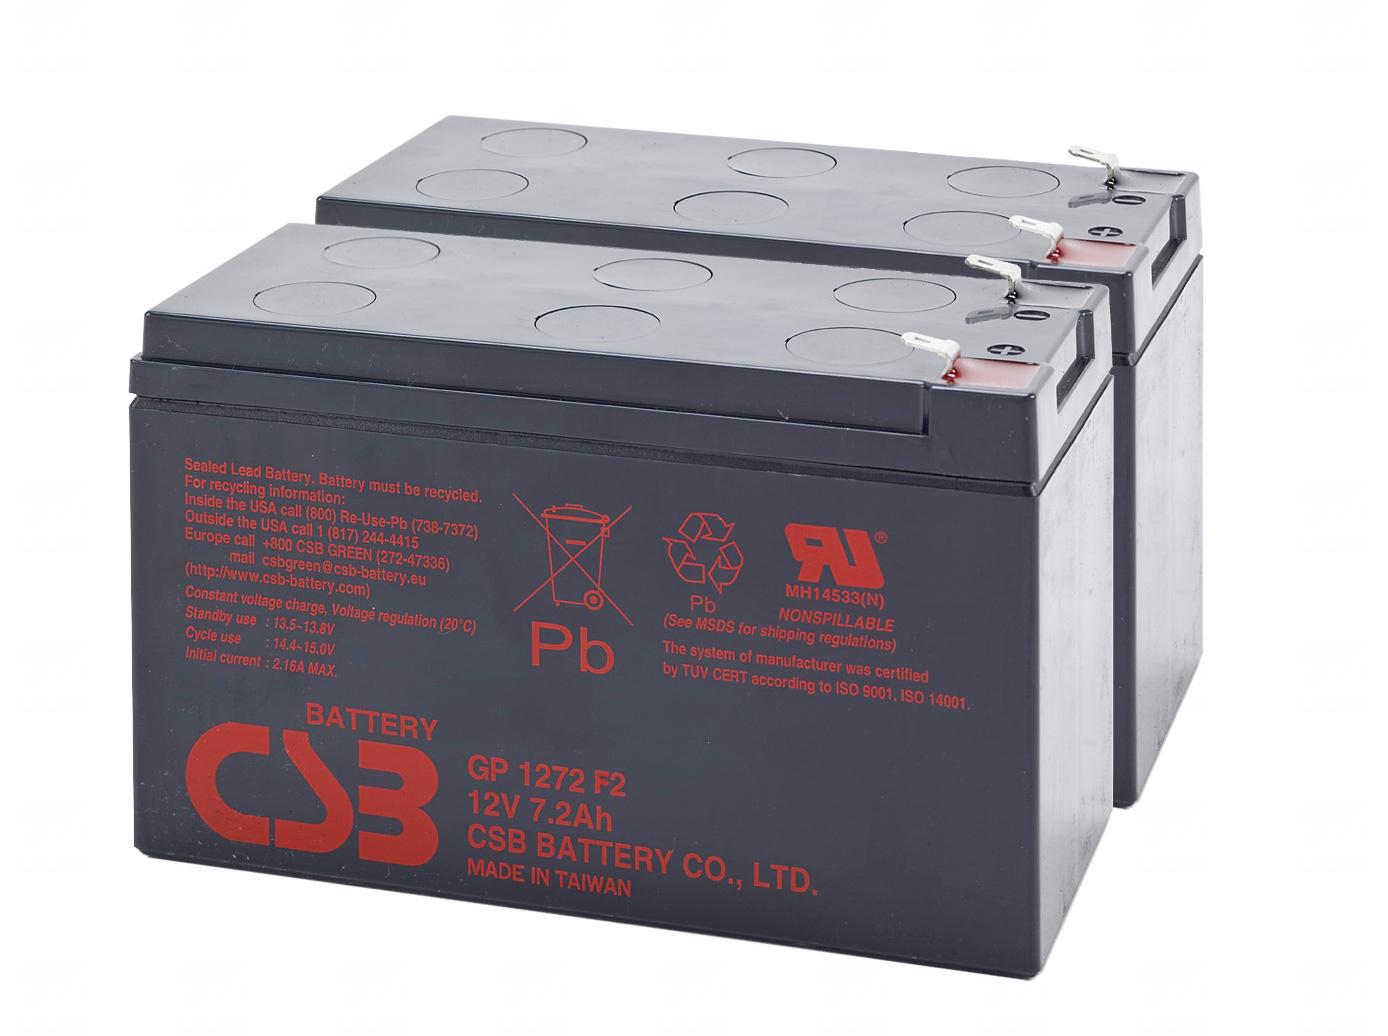 APC KIT RBC48, RBC109, RBC123, RBC22, RBC32, RBC33, RBC5, RBC9, RBC113 - baterie CSB